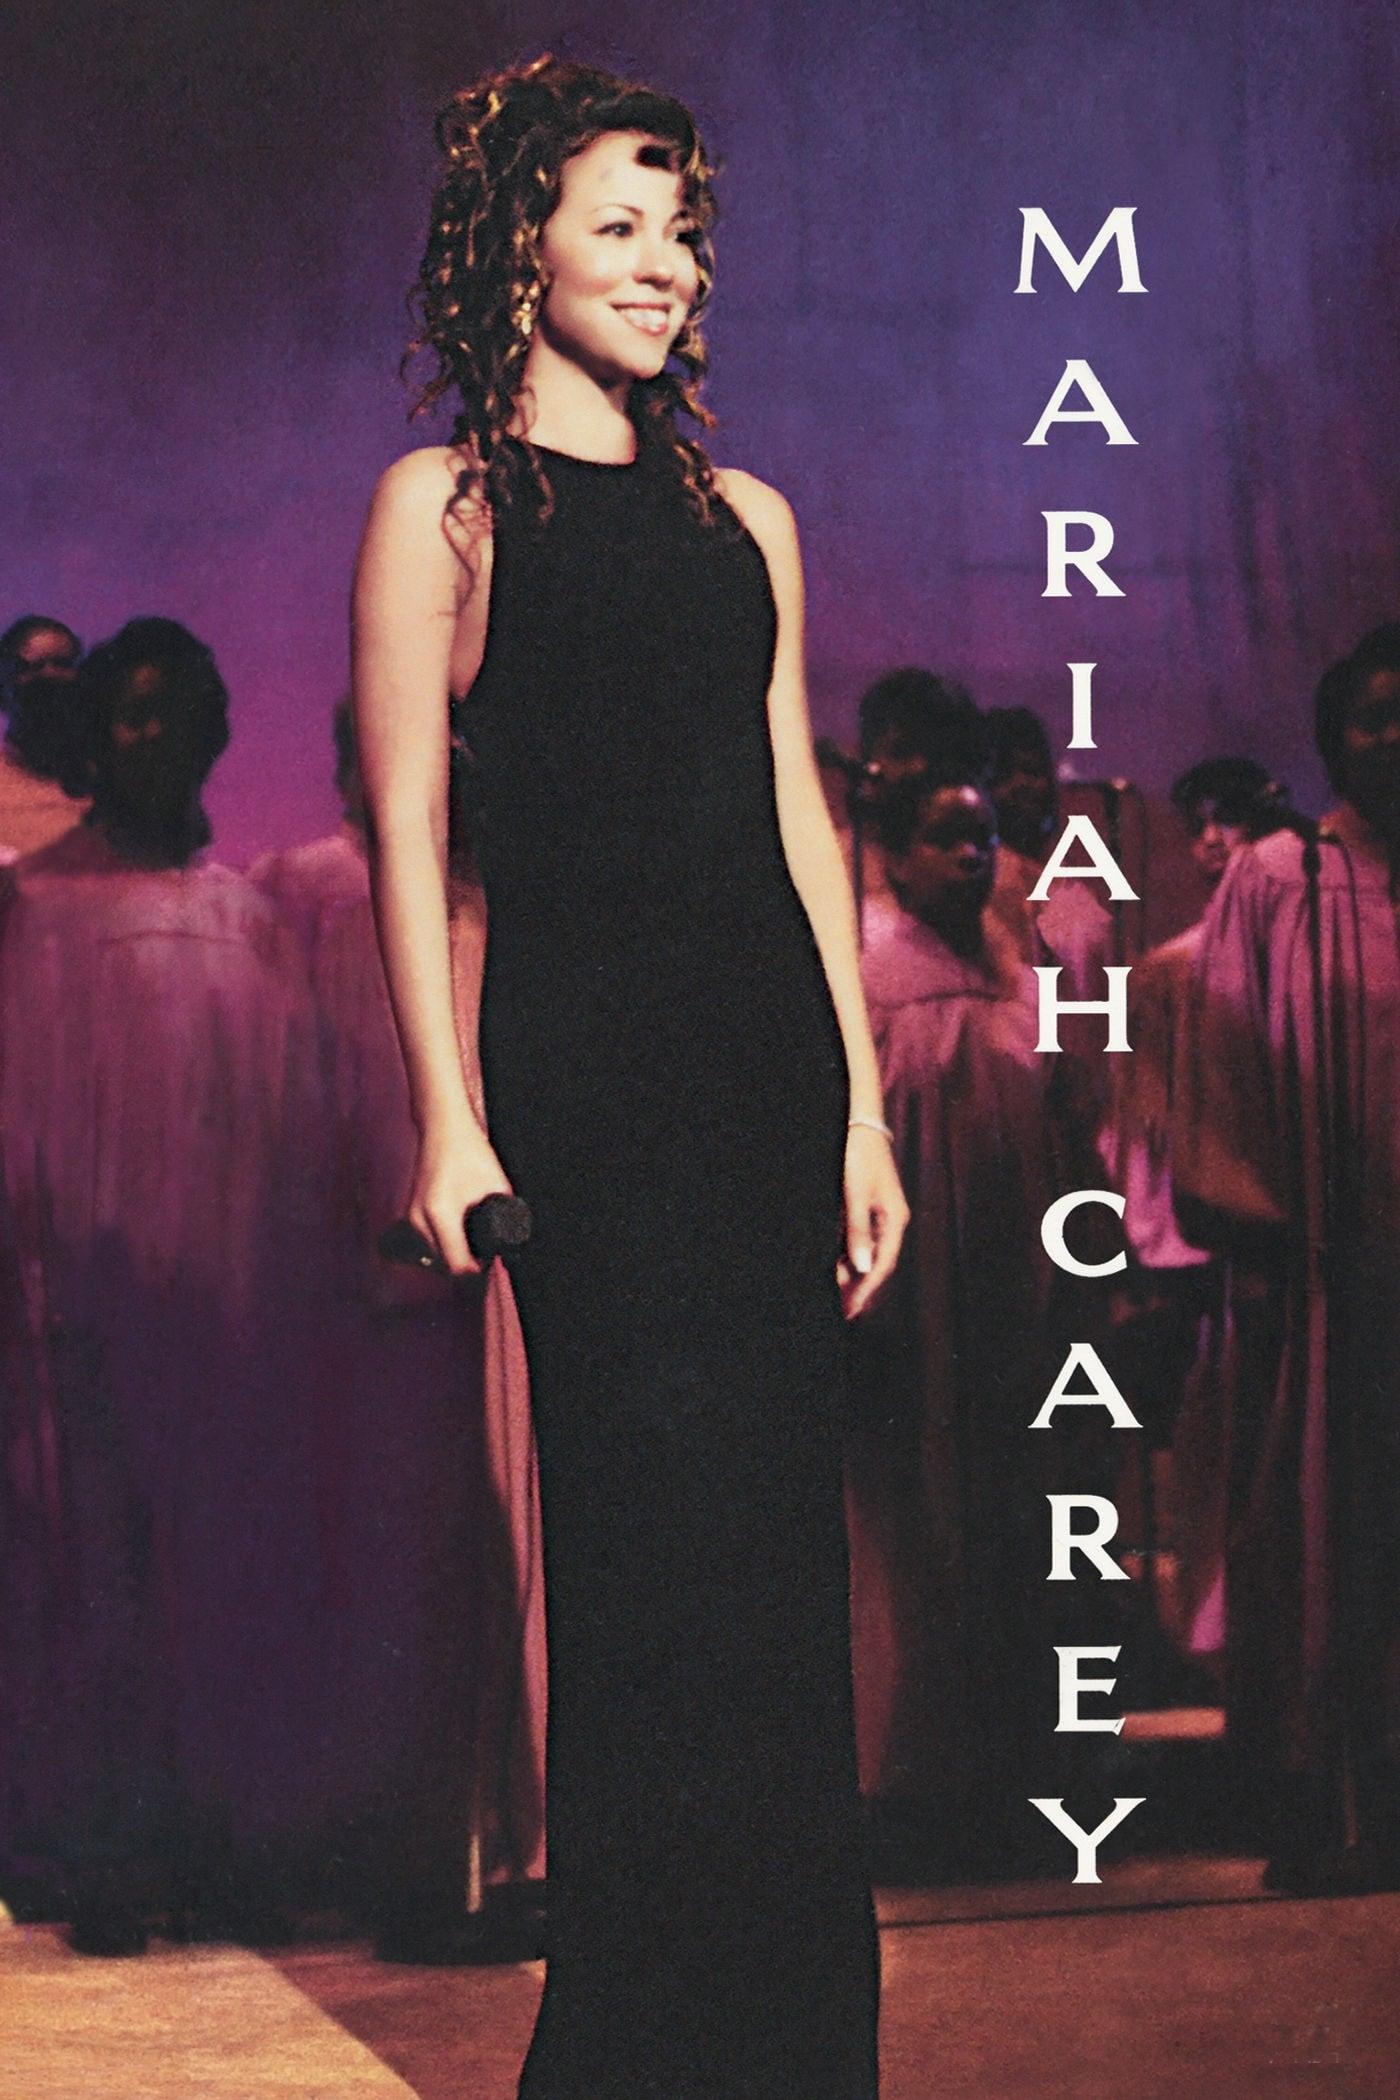 Here Is Mariah Carey